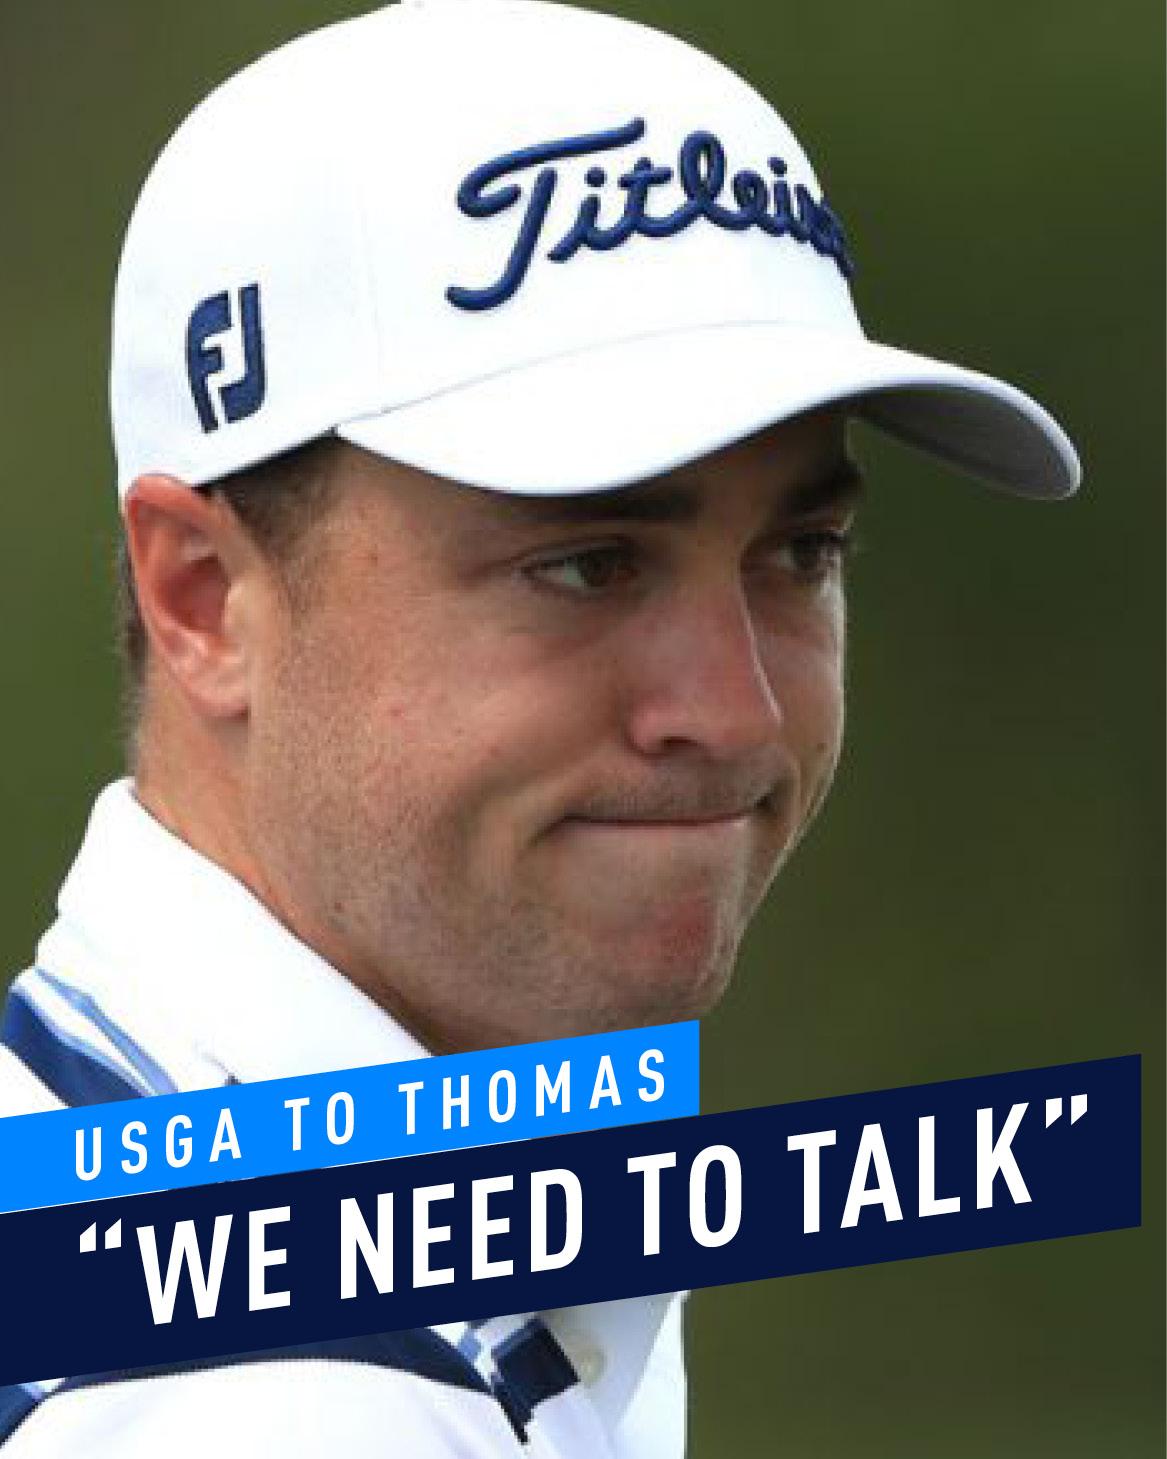 Thomas and the USGA